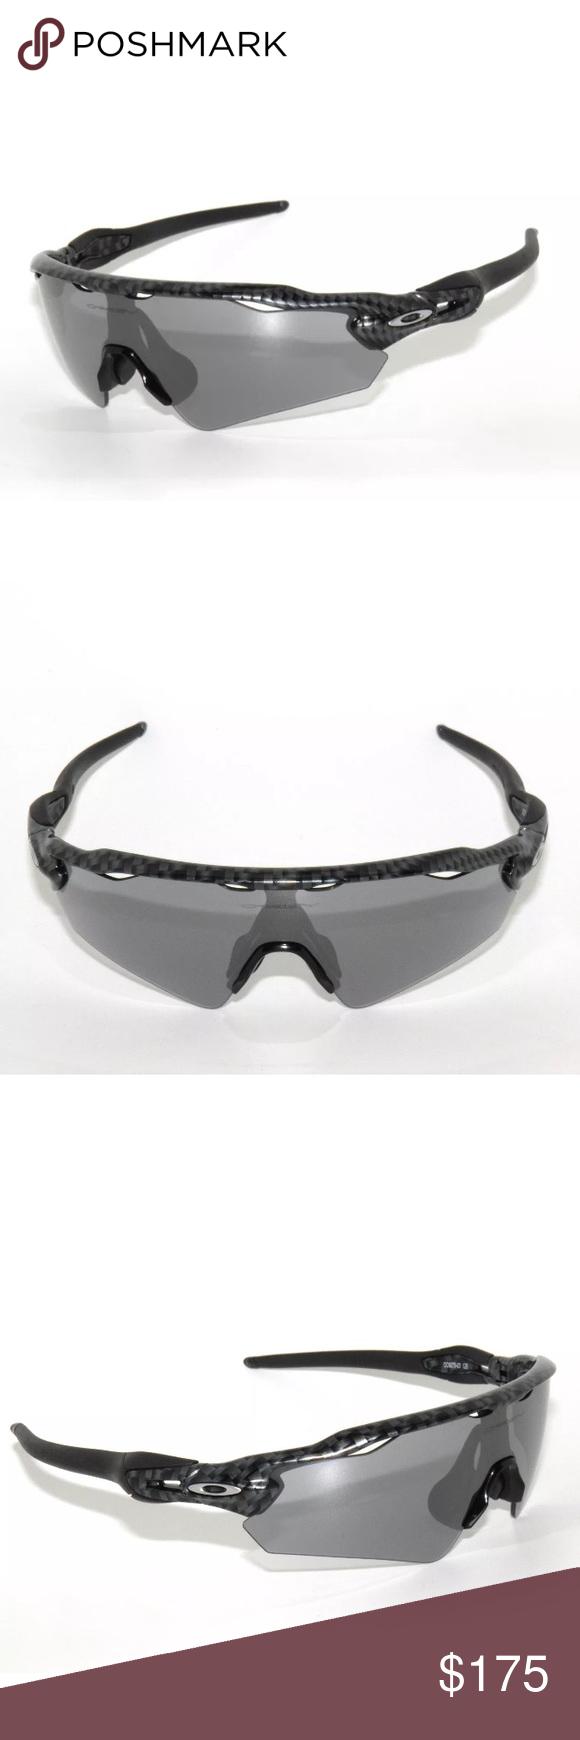 Oakley Sunglasses Radar EV Carbon Fiber New, comes with